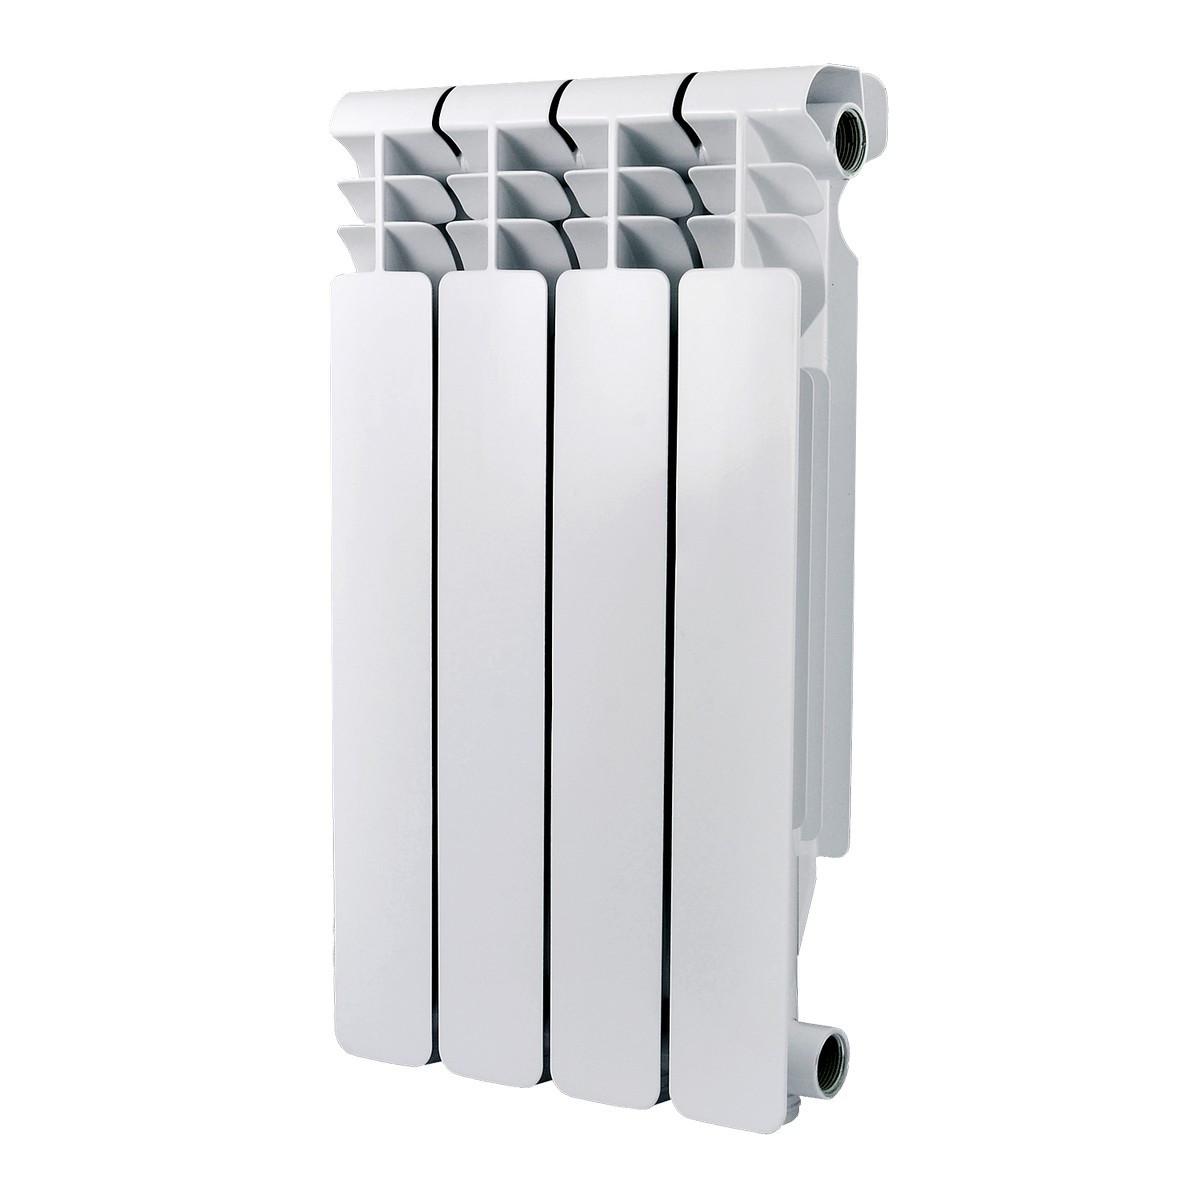 Радиатор алюминий Classic 500 5 секций Ogint 117-5989